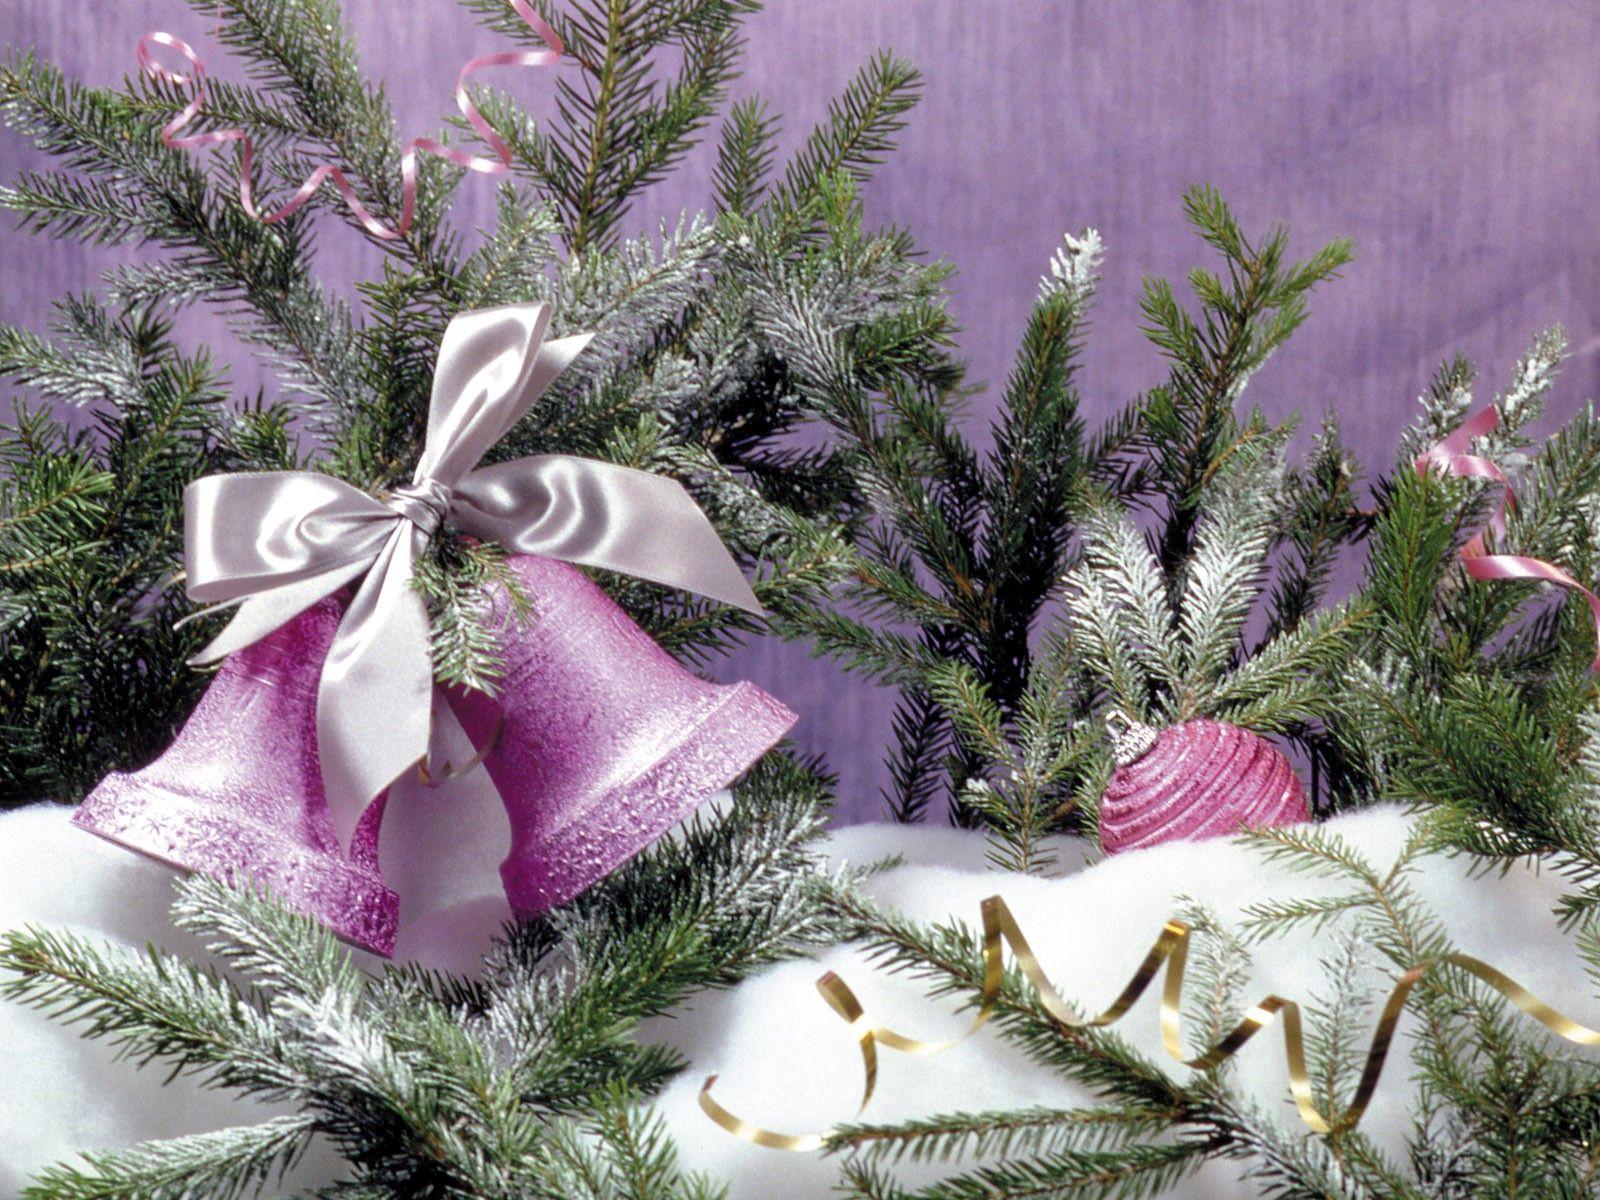 67896 Salvapantallas y fondos de pantalla Año Nuevo en tu teléfono. Descarga imágenes de Vacaciones, Campana, Año Nuevo, Decoraciones gratis